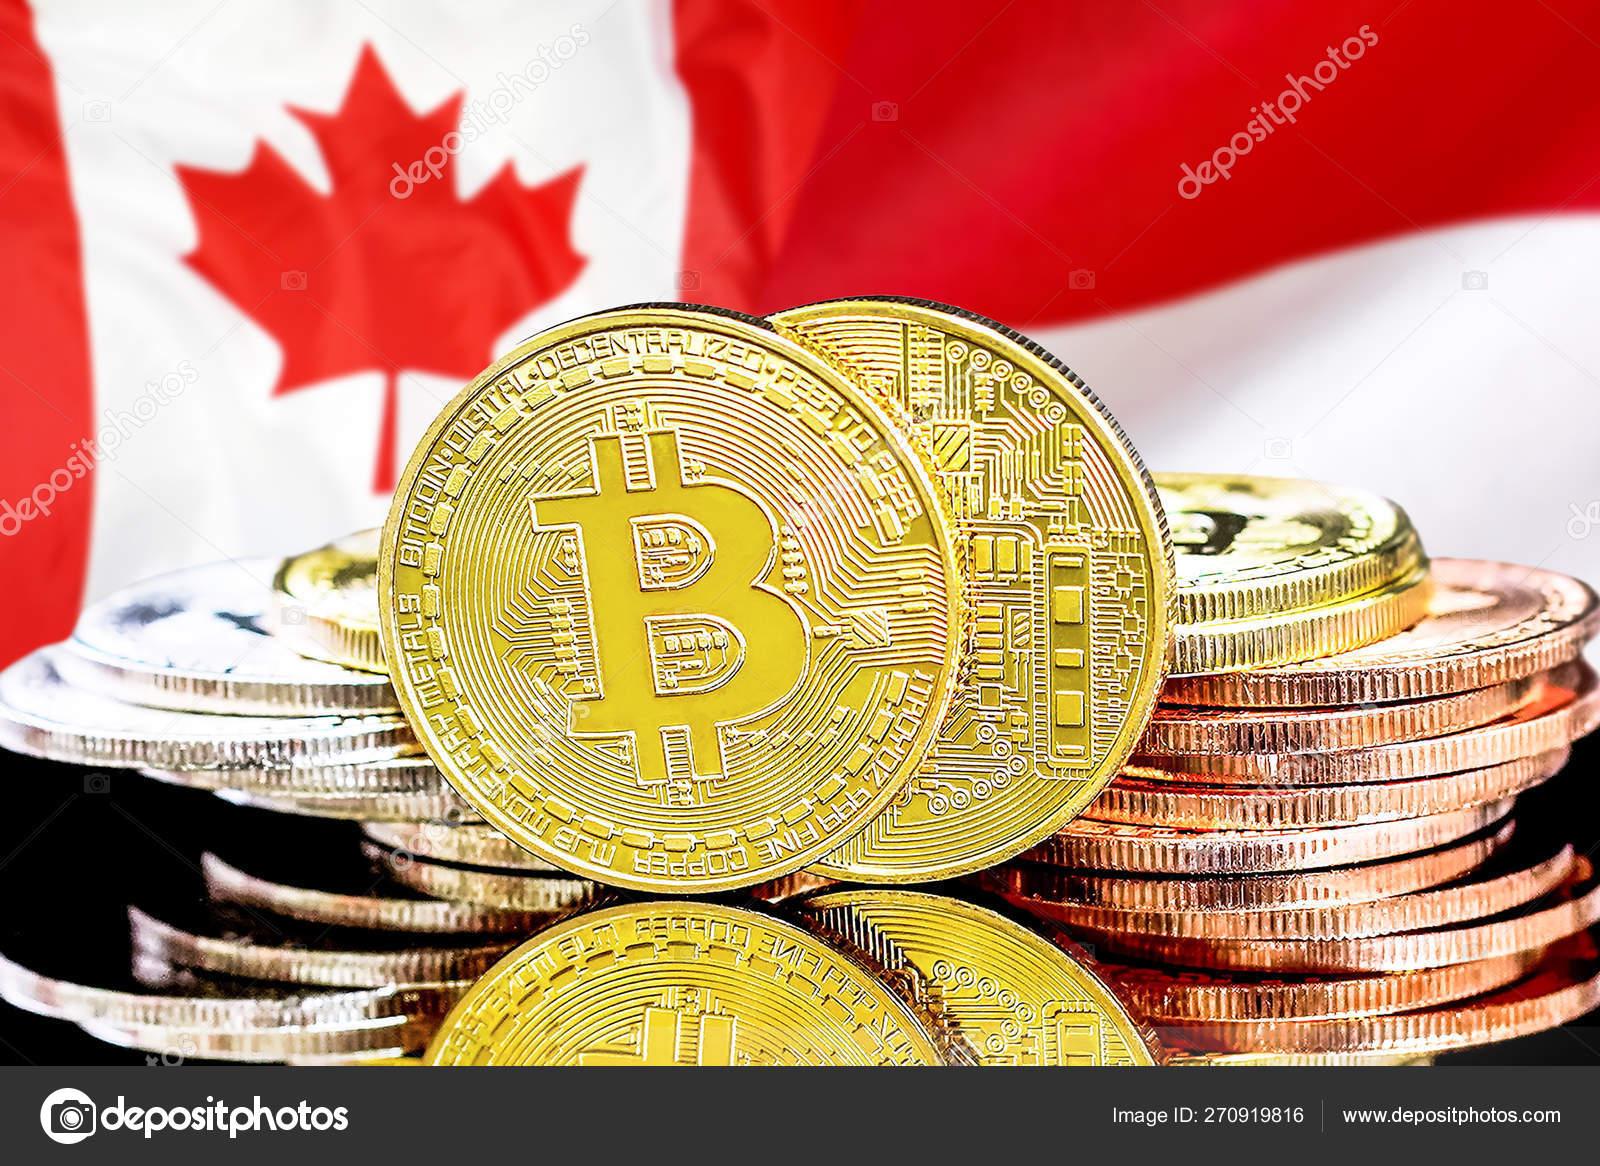 criptomoeda monaco valor é bom para investimento em bitcoin em 2021